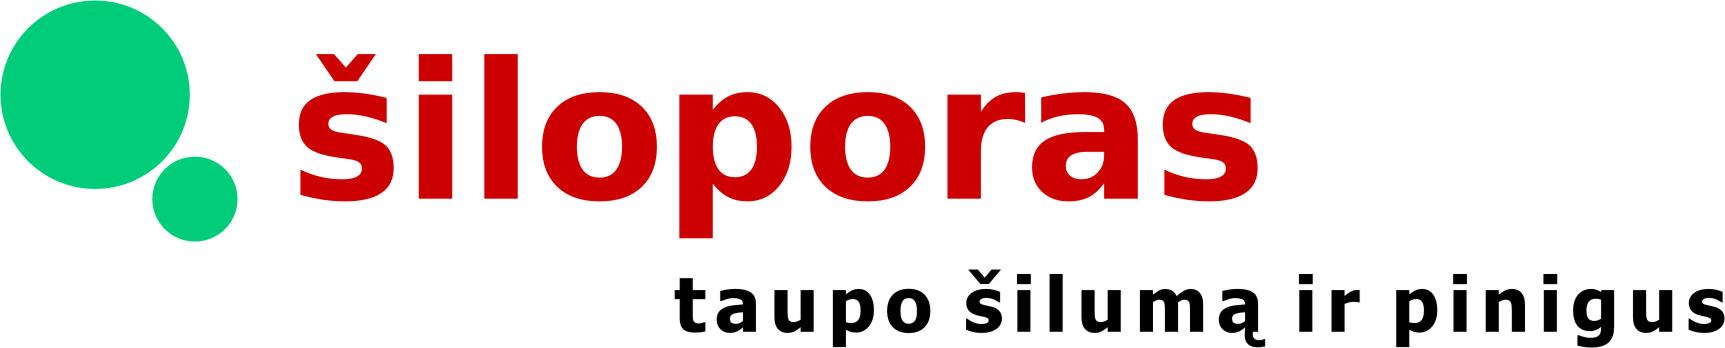 siloporas